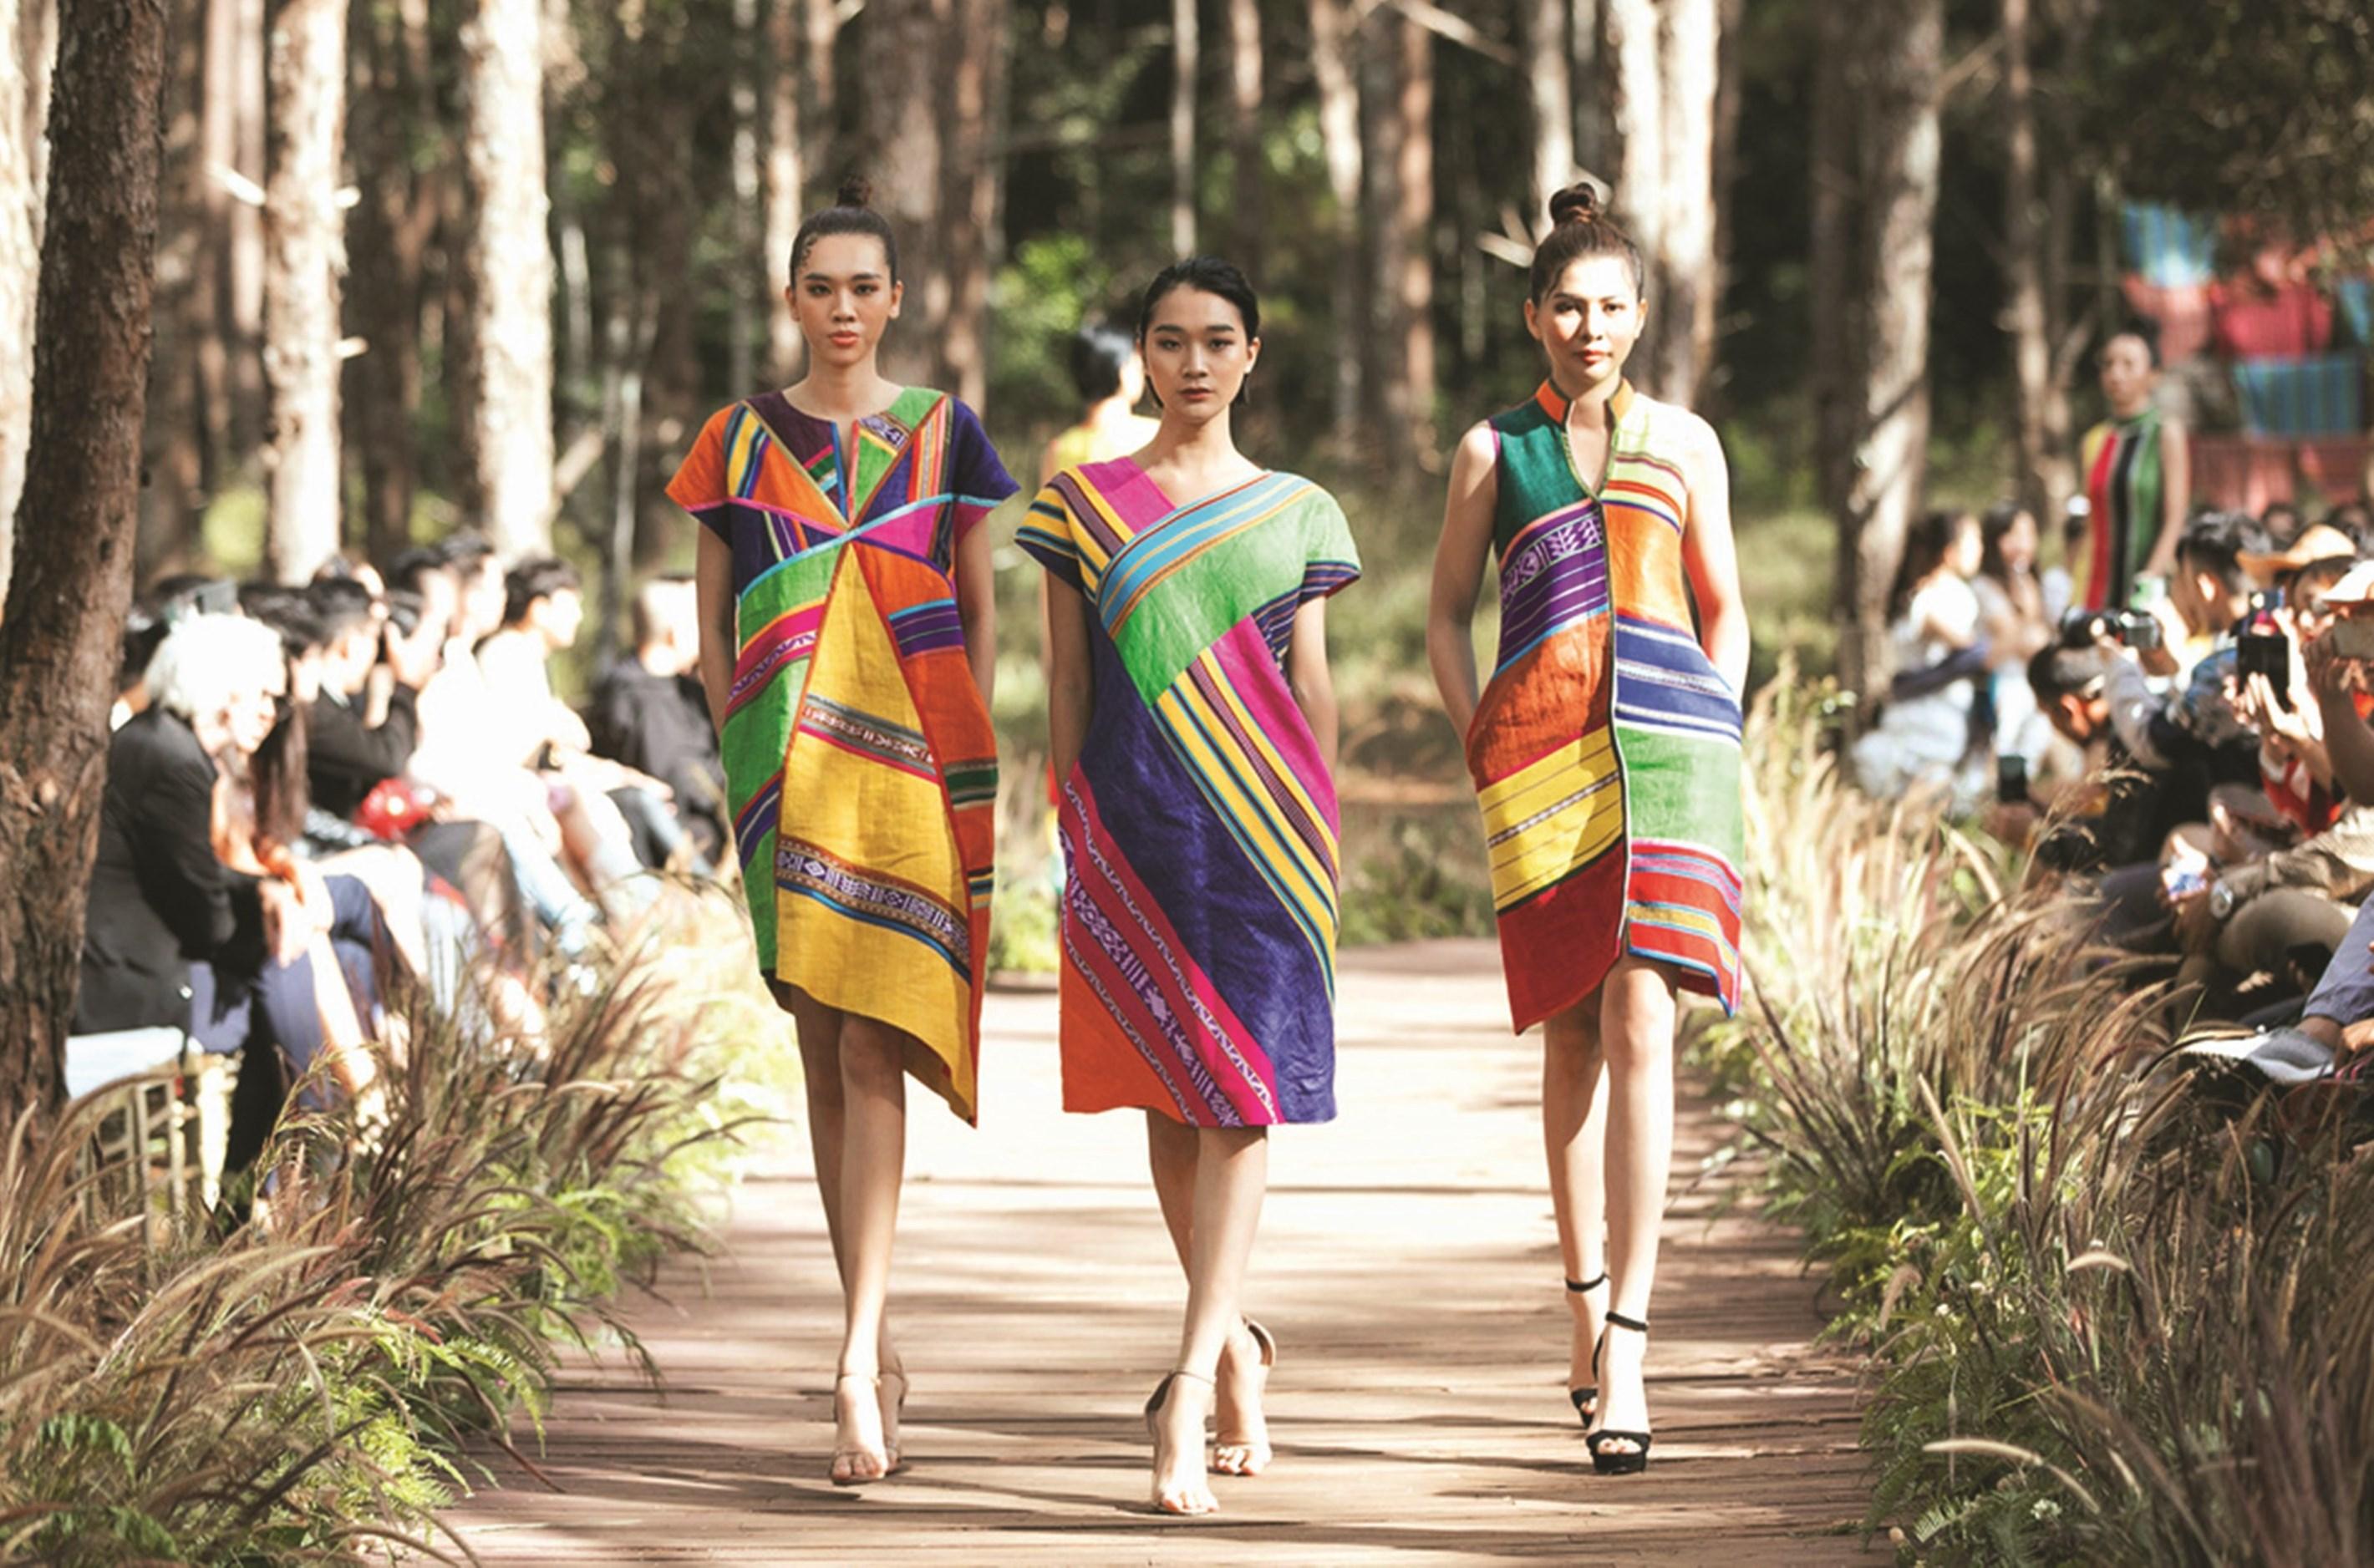 """Thổ cẩm khoe sắc tại Fashion Show """"Hương rừng sắc núi""""- tại Lễ hội văn hóa thổ cẩm Việt Nam lần thứ 2 năm 2020. (Ảnh TL)"""